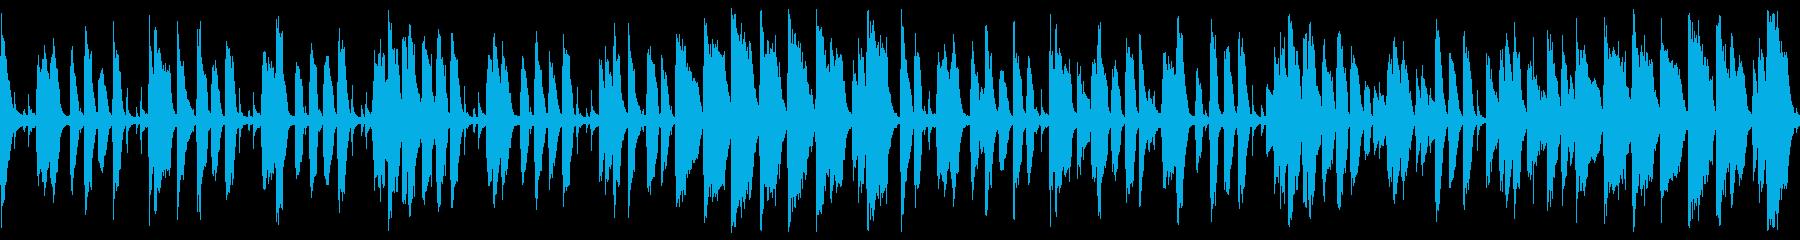 ウキウキハッピーなジャズコーラス(ループの再生済みの波形